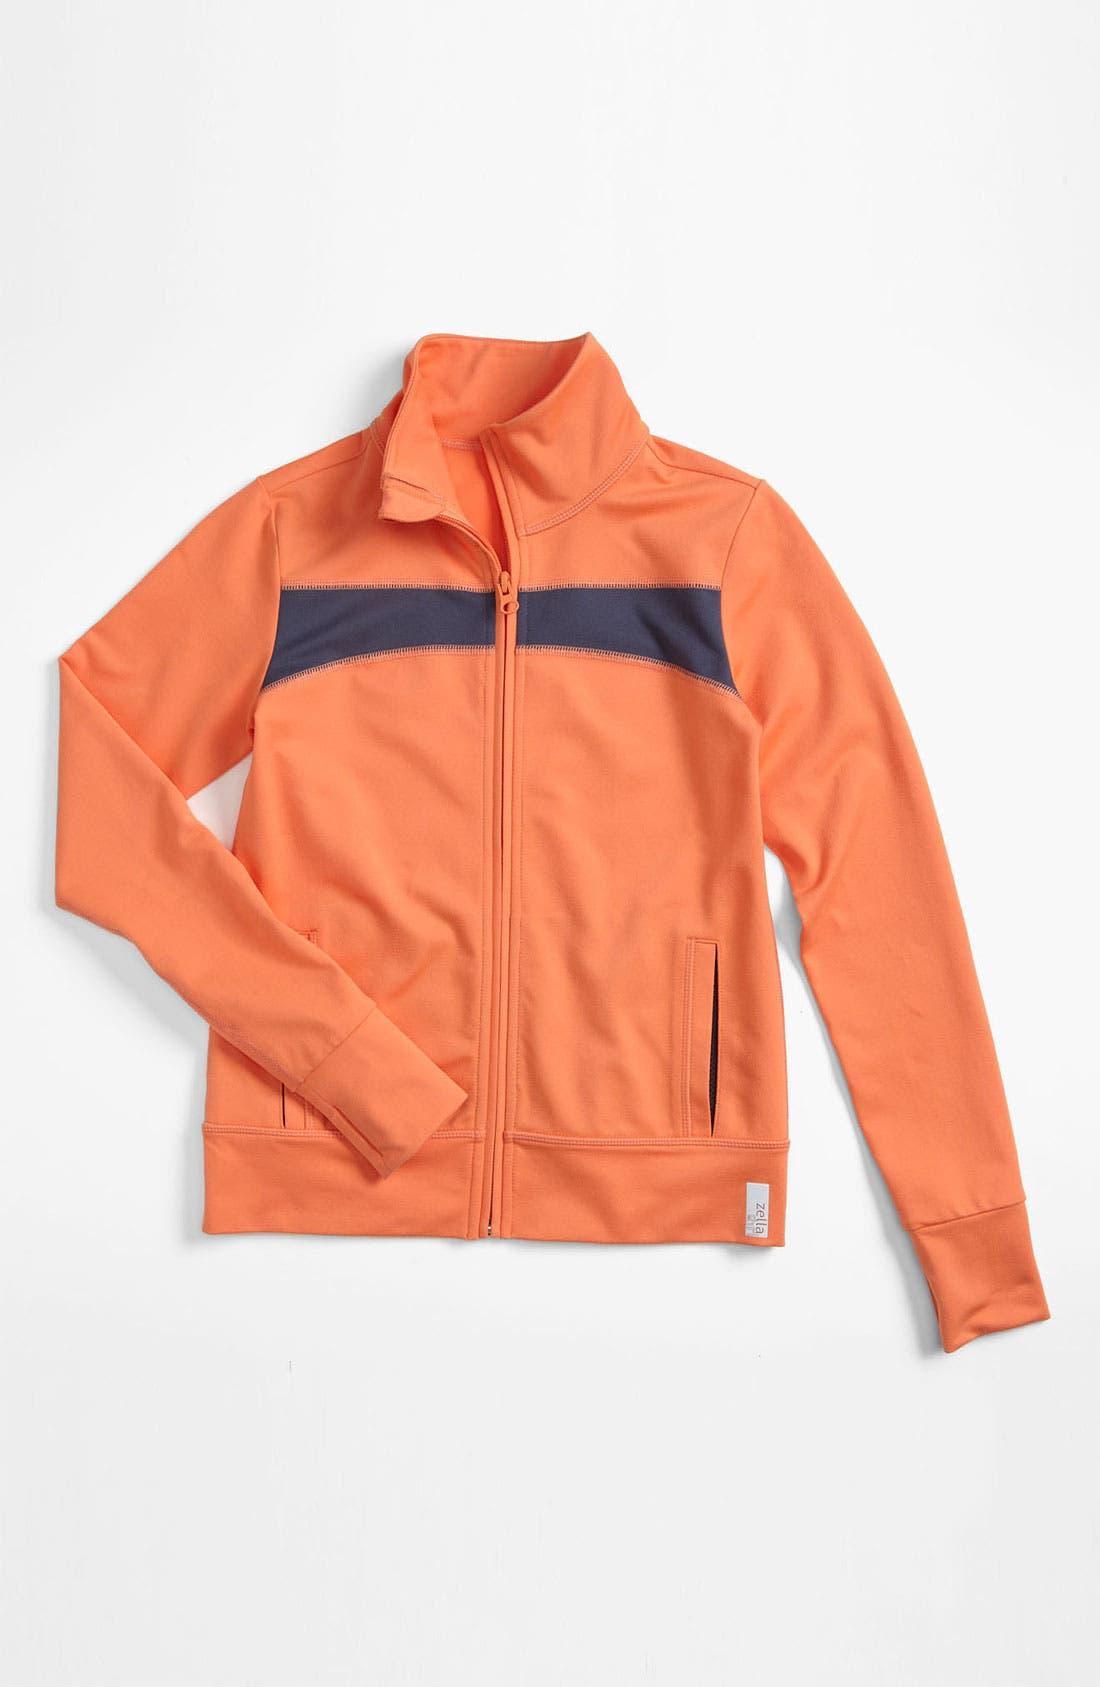 Alternate Image 1 Selected - Zella 'Trainer' Contrast Jacket (Little Girls & Big Girls)